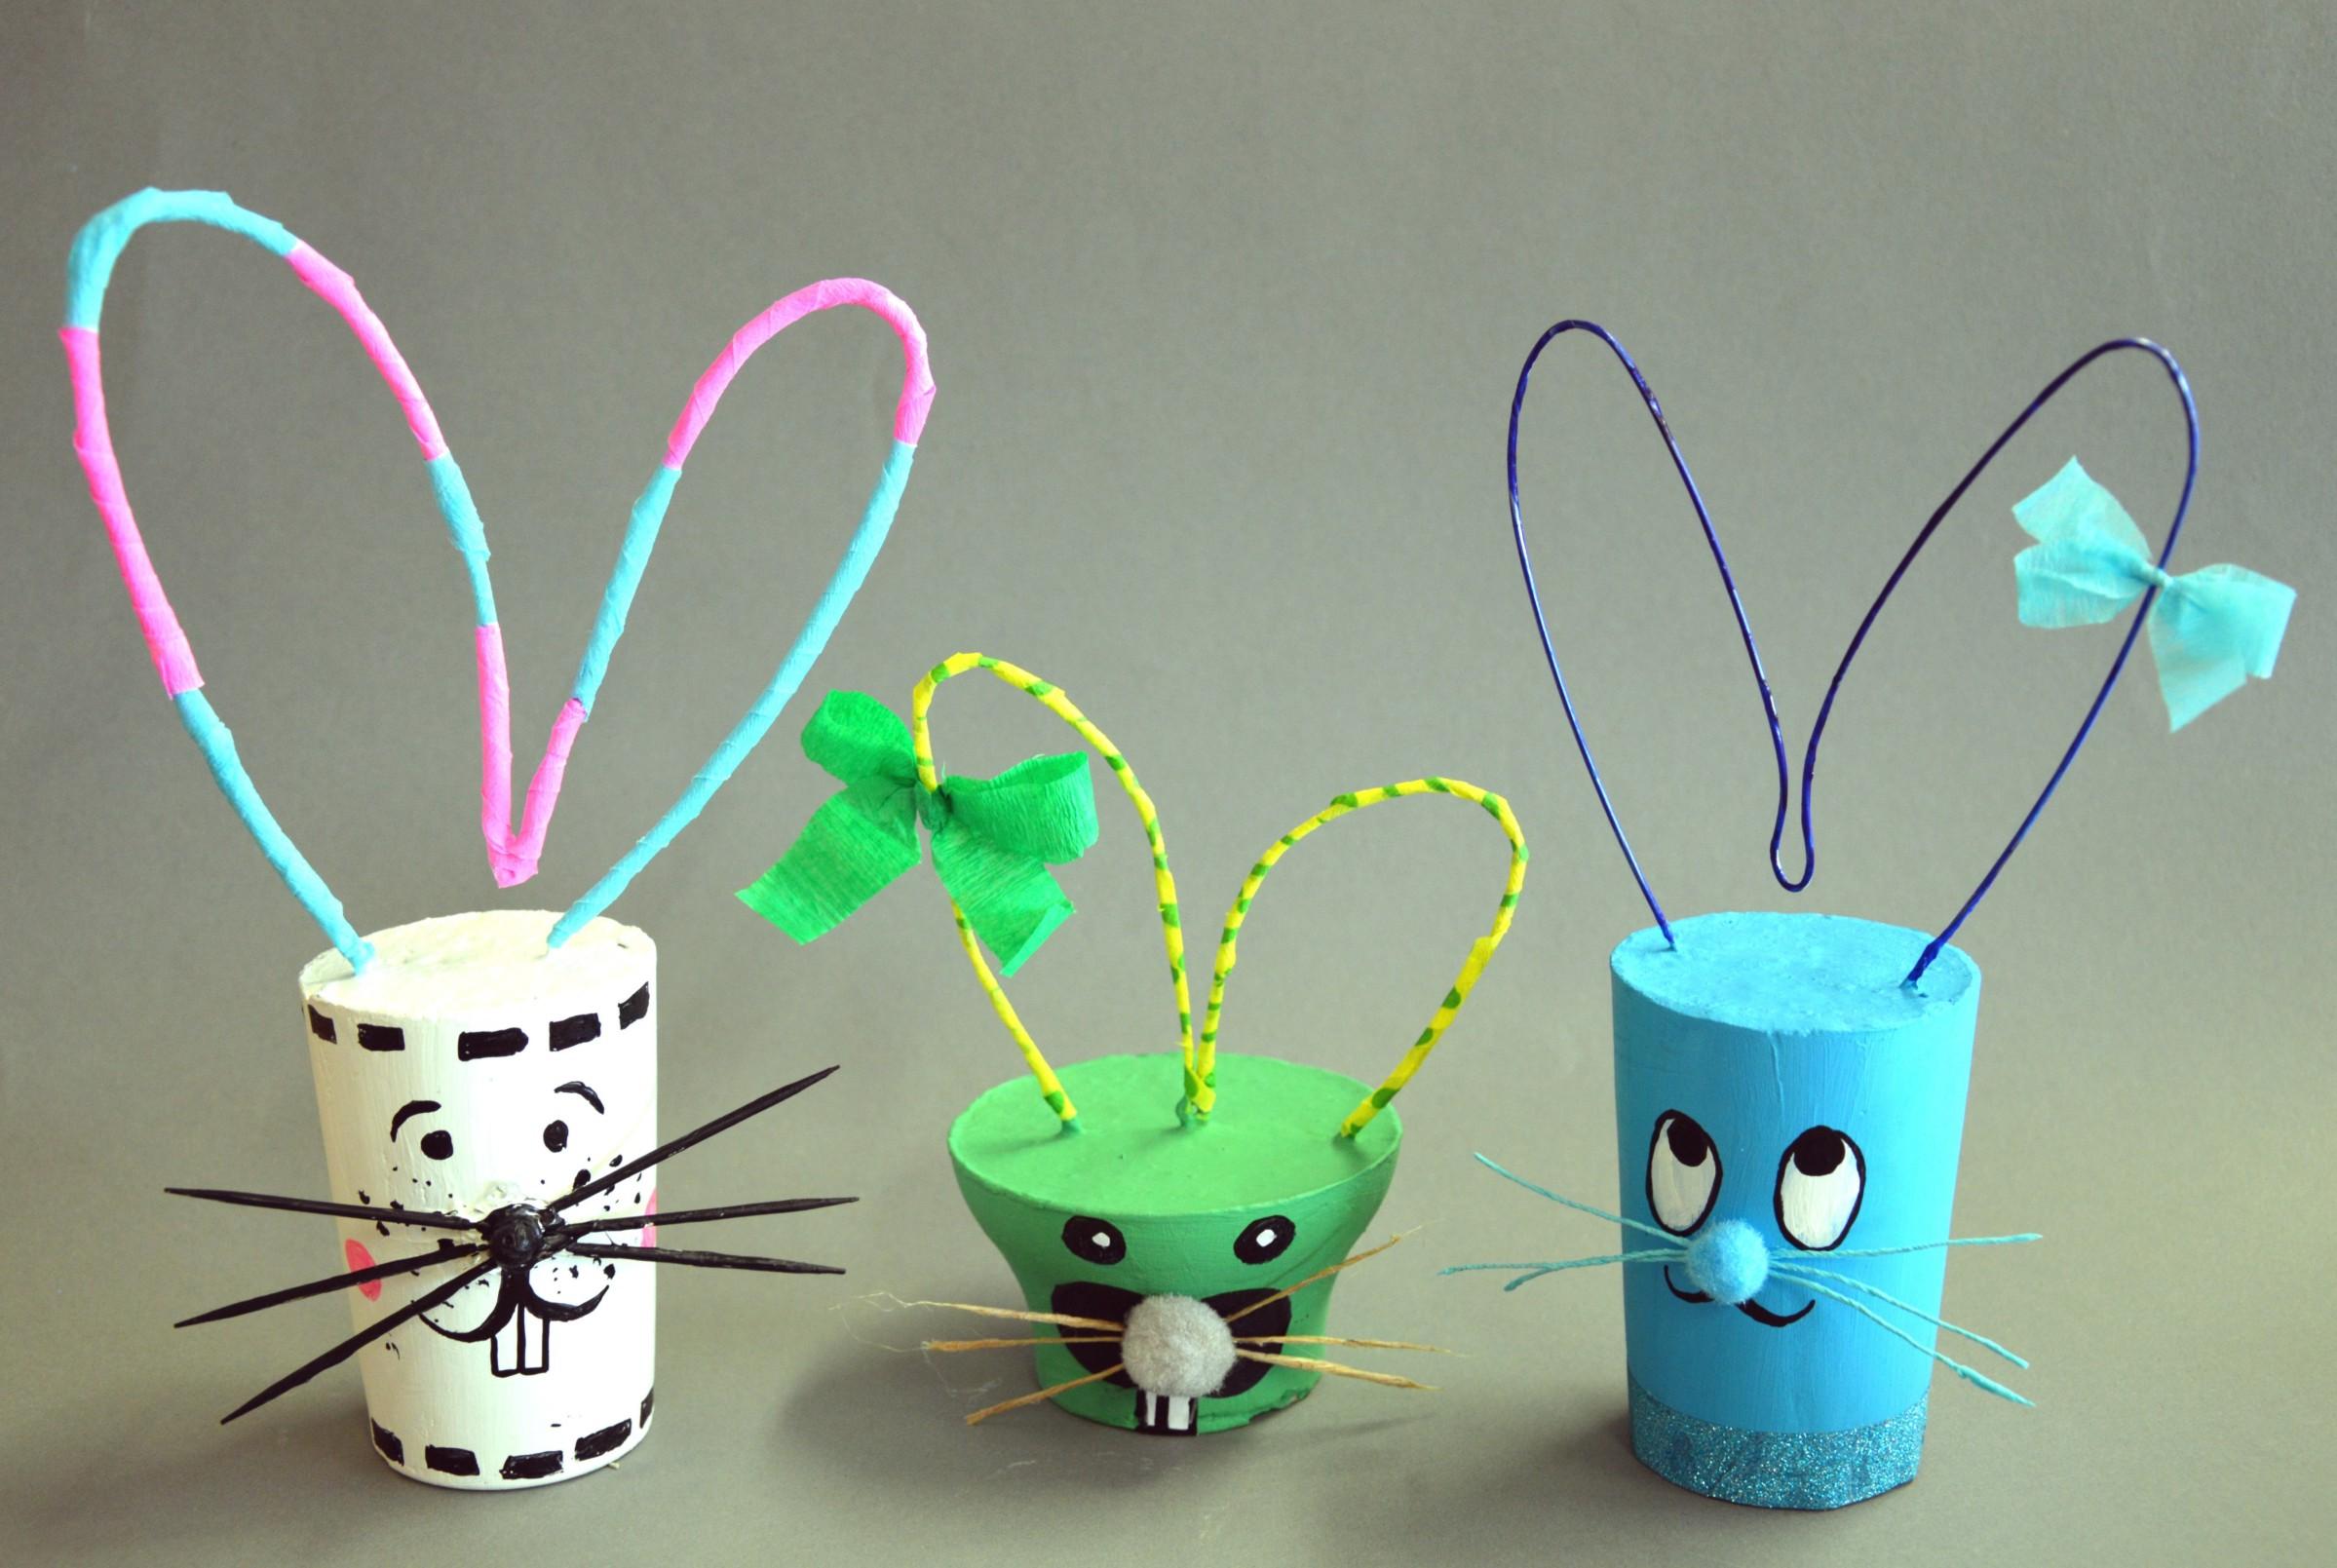 Wielkanocny Zajączek – rękodzieło – zabawy plastyczne